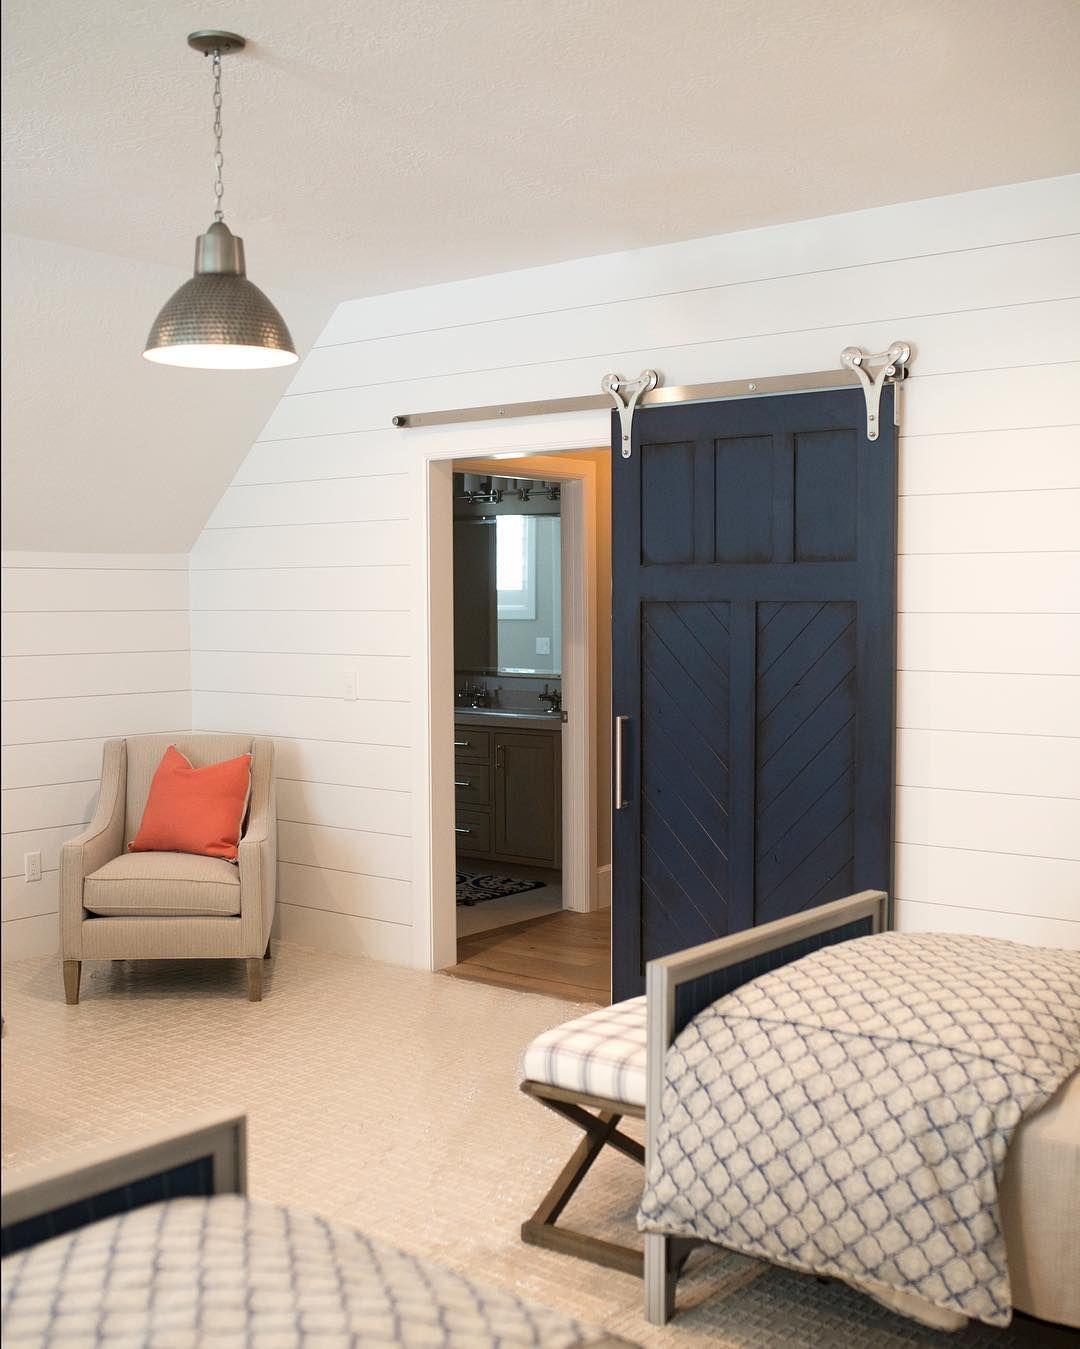 Navy Barn Door In Kids Room. With Robert Nelson